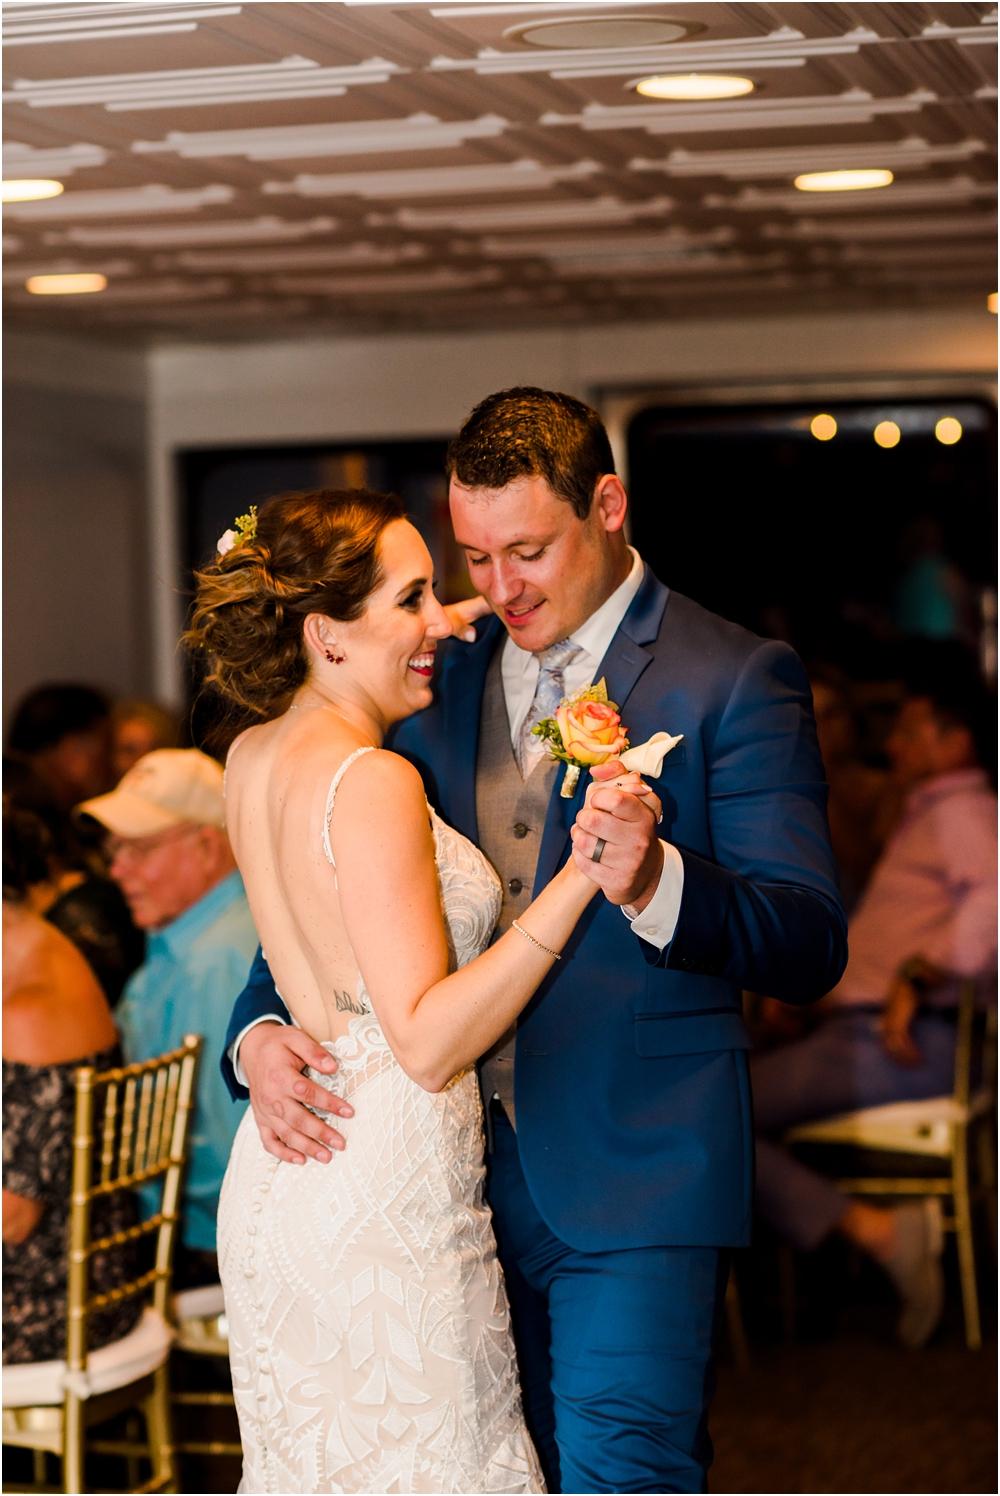 destin-sunquest-cruise-wedding-kiersten-stevenson-photography-120.jpg